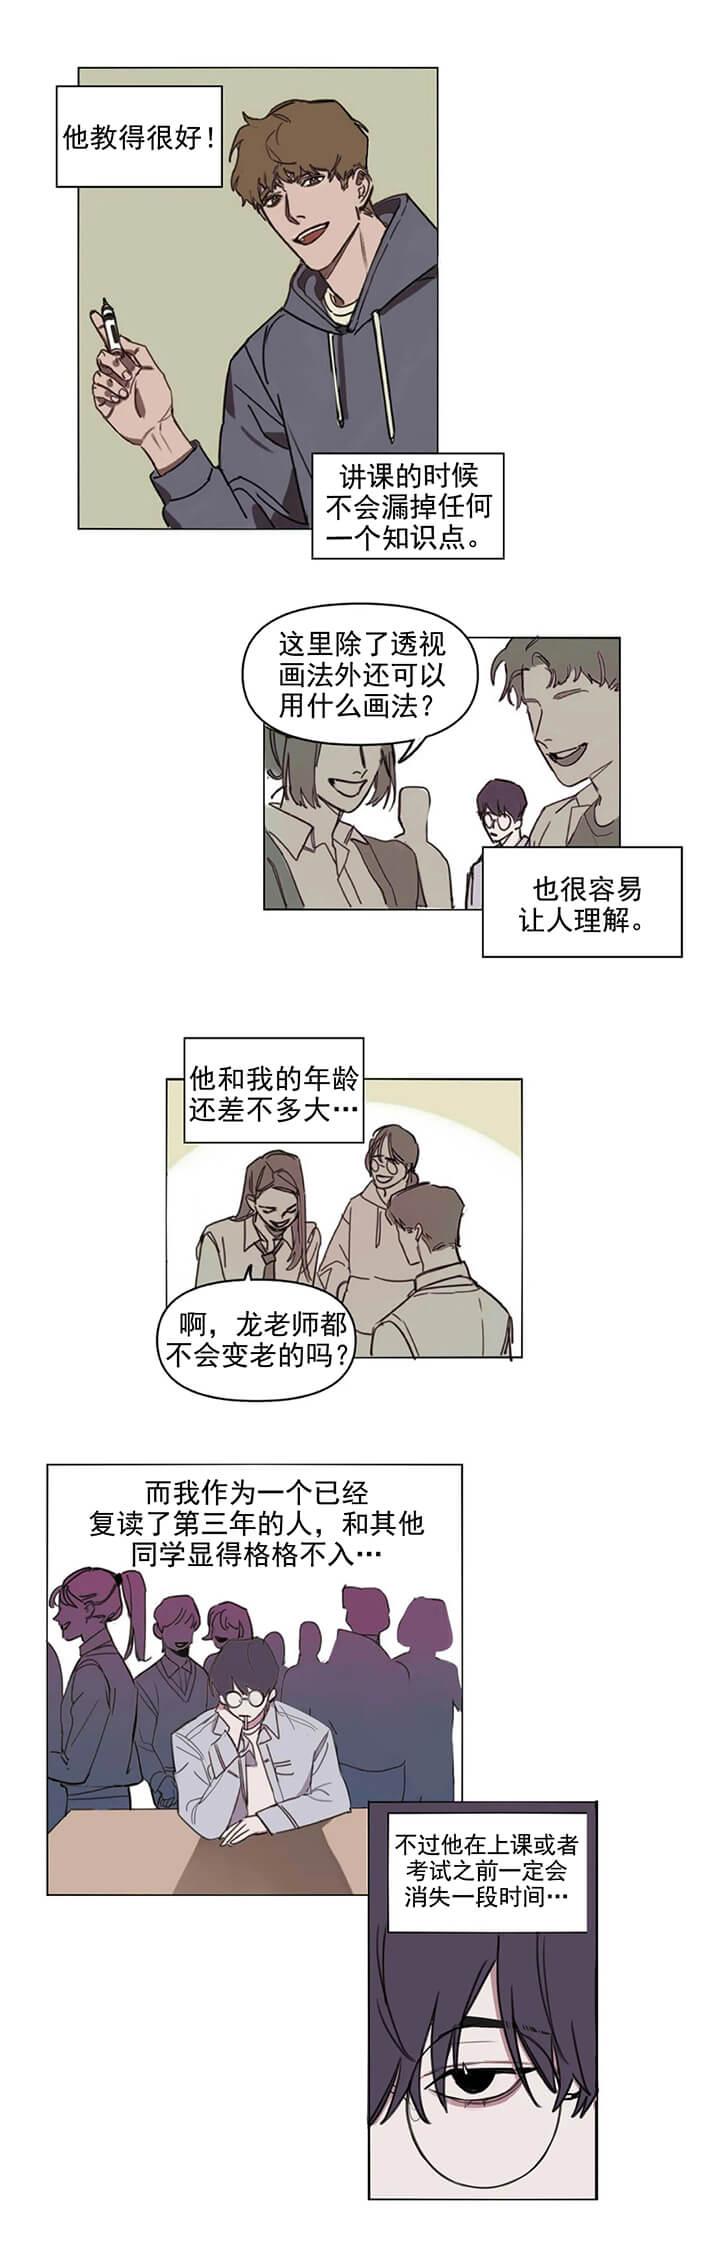 韩漫 | 《美术老师》表明正经的美术老师,背地里却是个抖M?老师凶猛  第5张